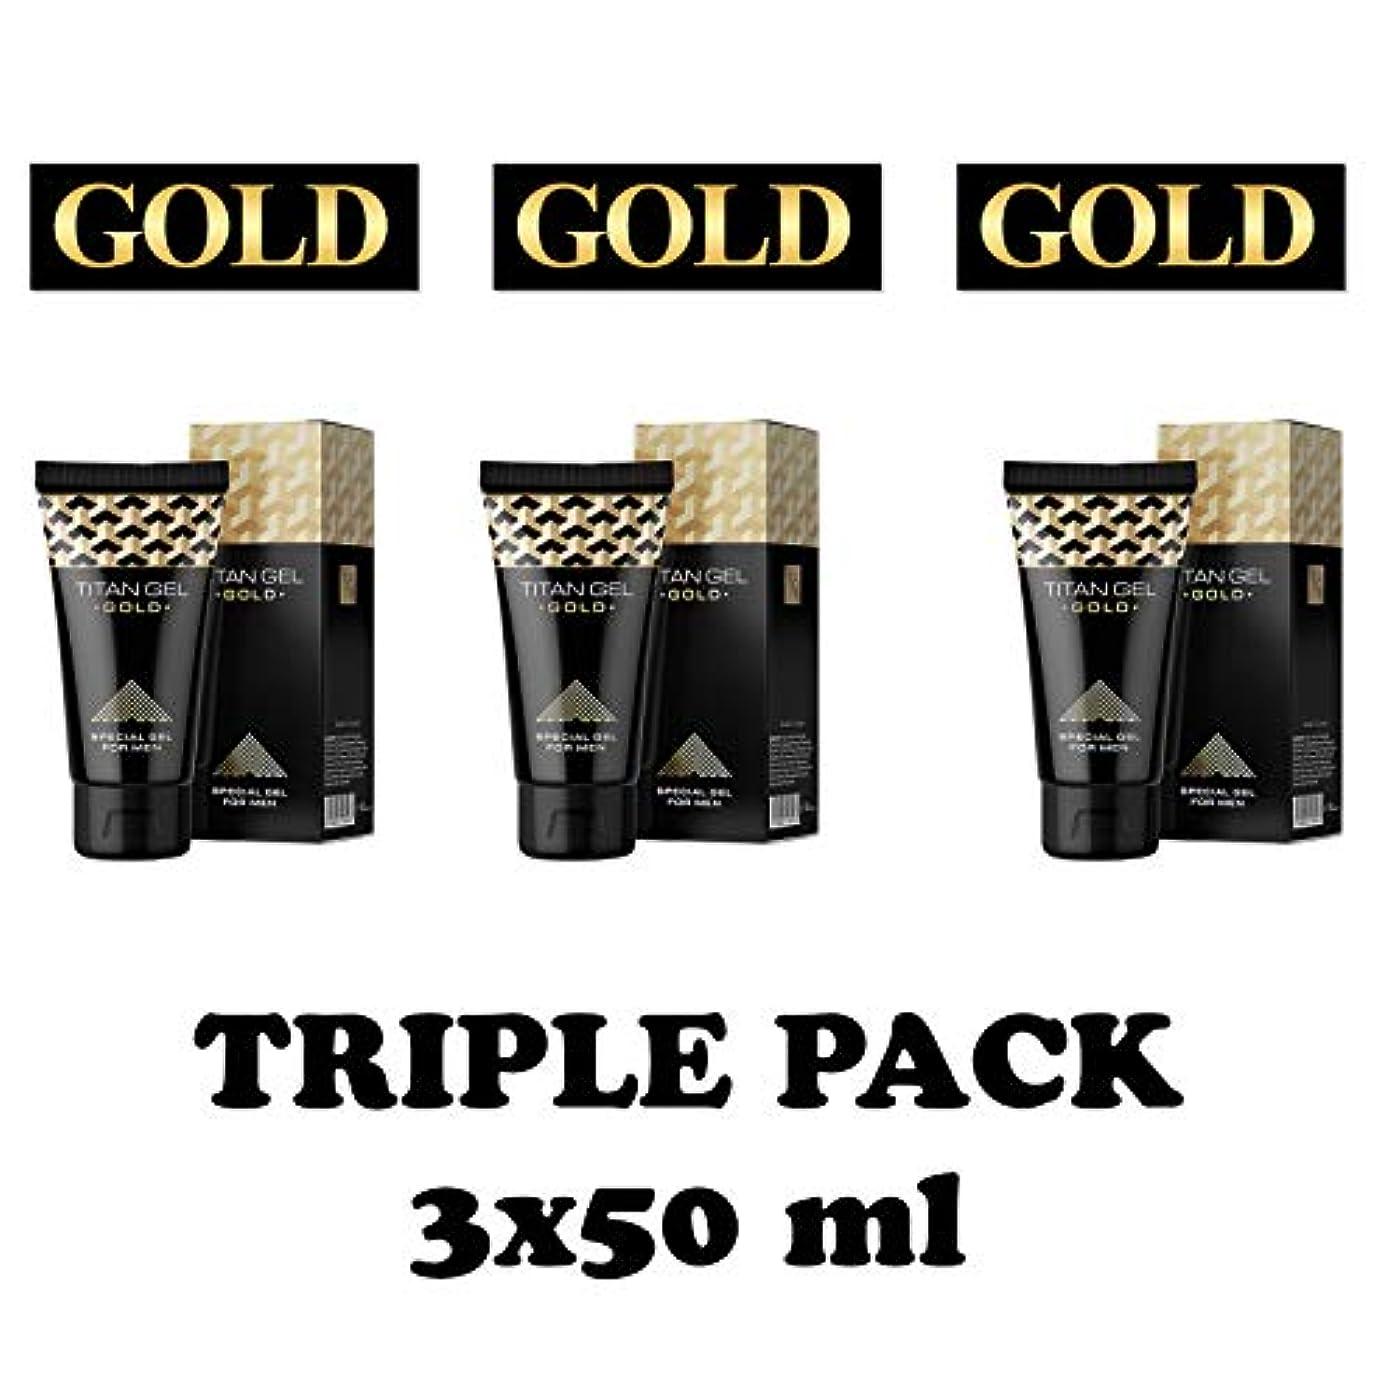 アーサー人大使館タイタンジェル ゴールド Titan gel Gold 50ml 3箱セット 日本語説明付き [並行輸入品]